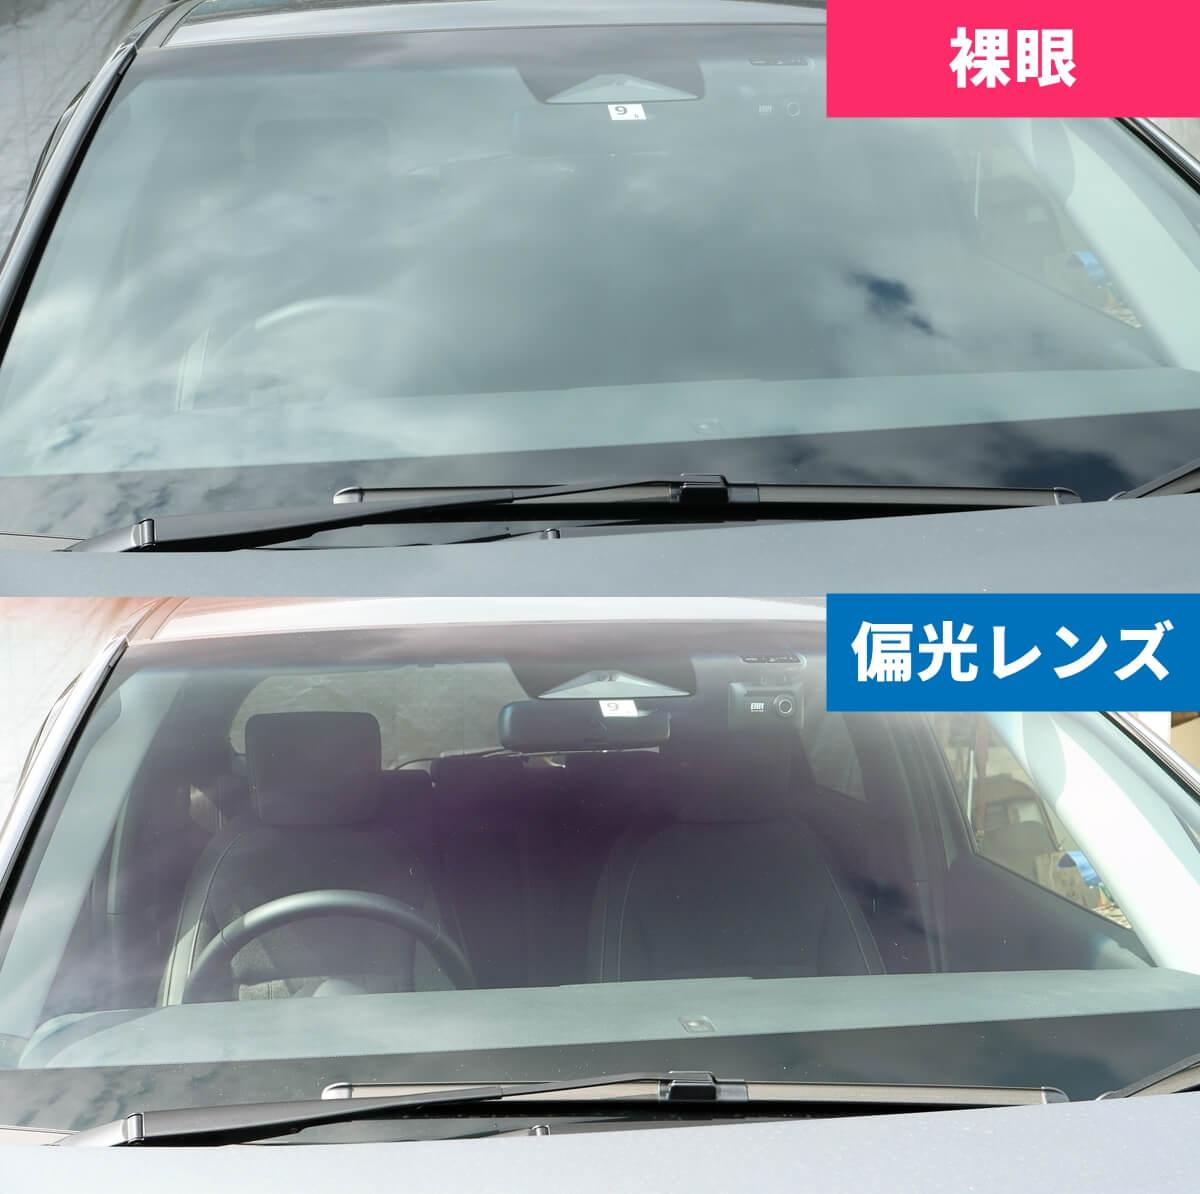 偏光レンズだと車のドライバーがよく見える